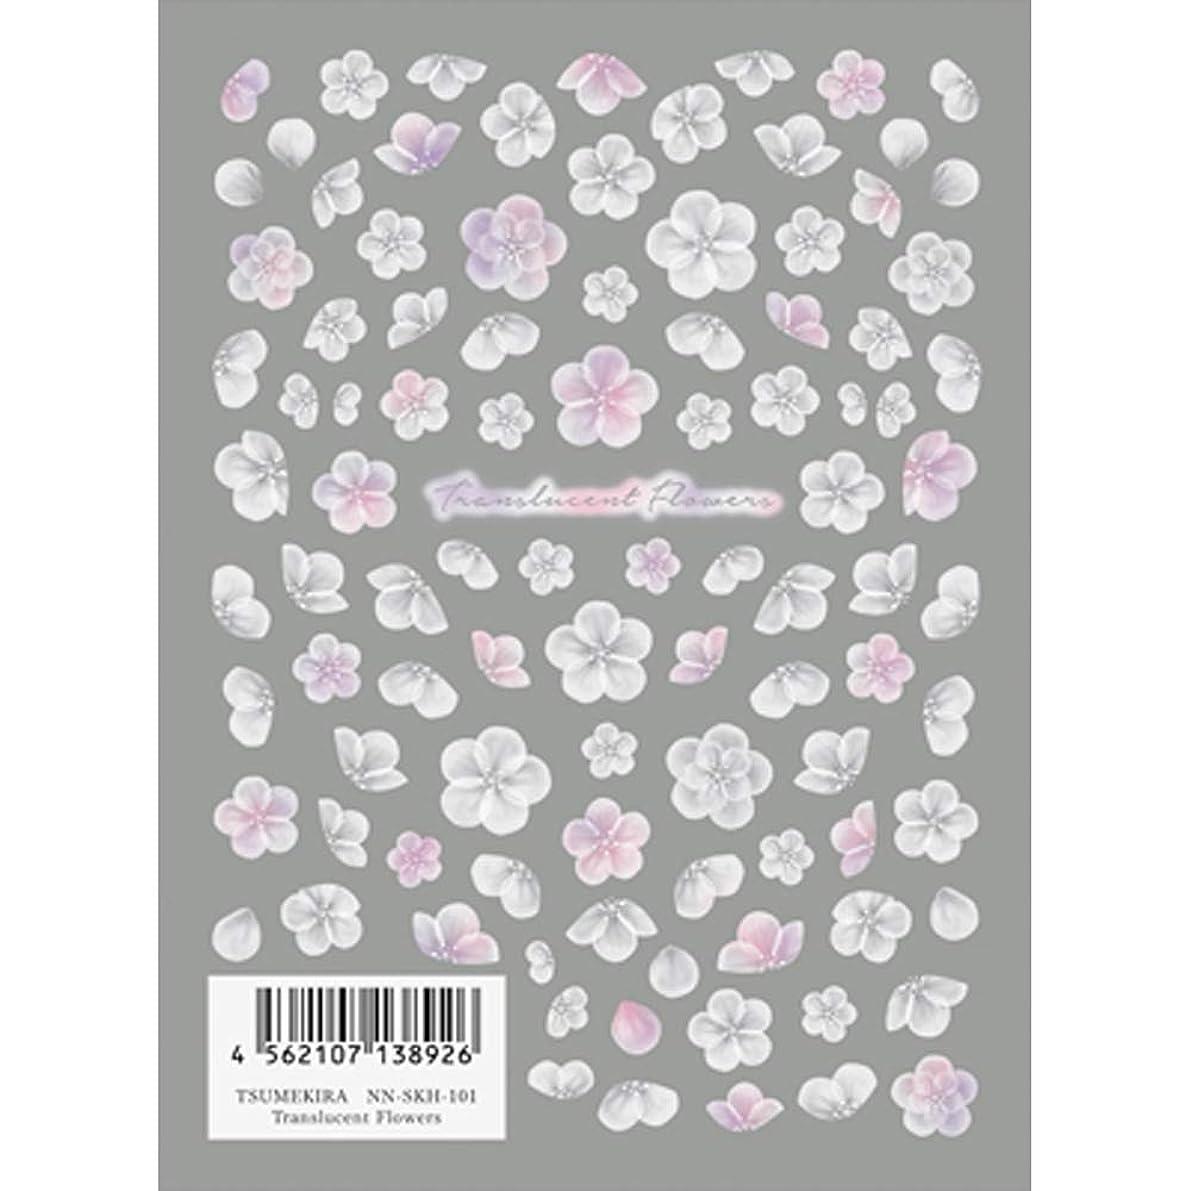 騒々しい仮称事業ツメキラ(TSUMEKIRA) ネイル用シール Translucent Flowers NN-SKH-101